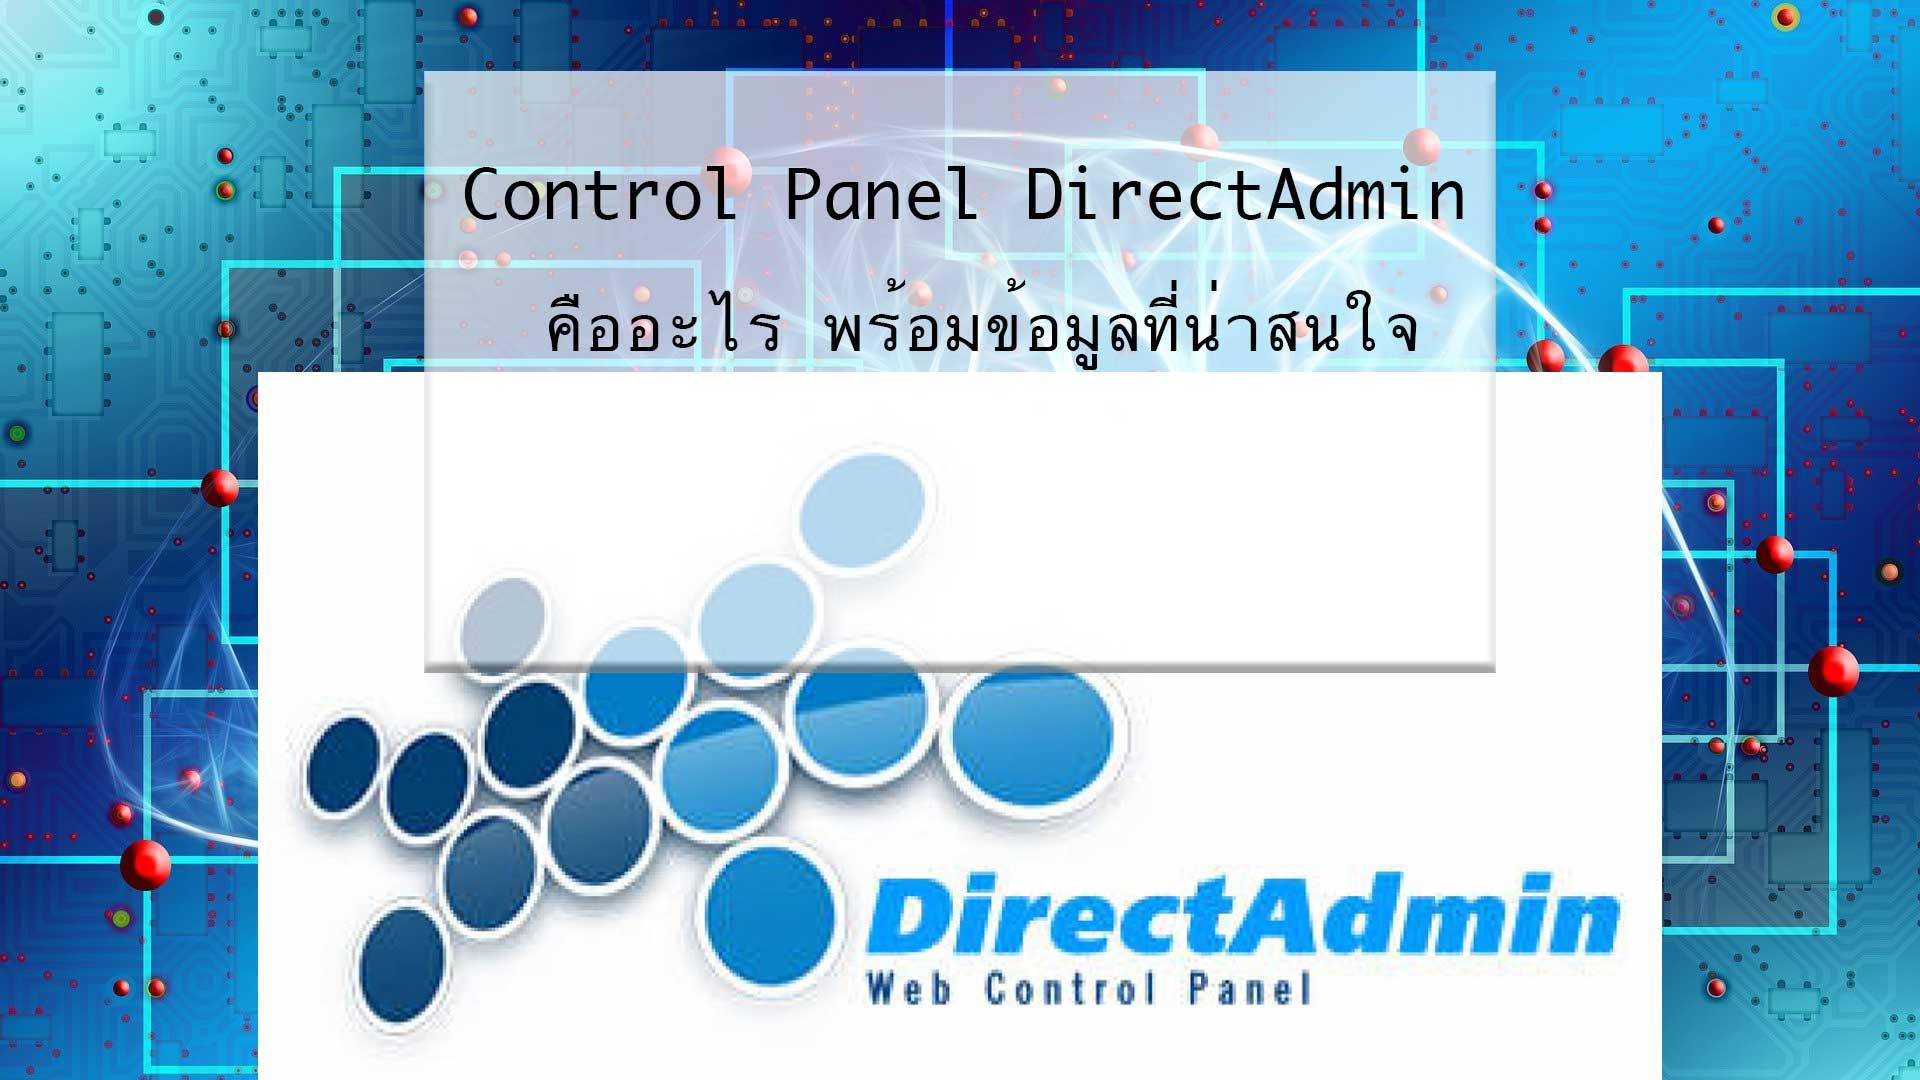 Control Panel DirectAdmin คืออะไร พร้อมข้อมูลที่น่าสนใจ